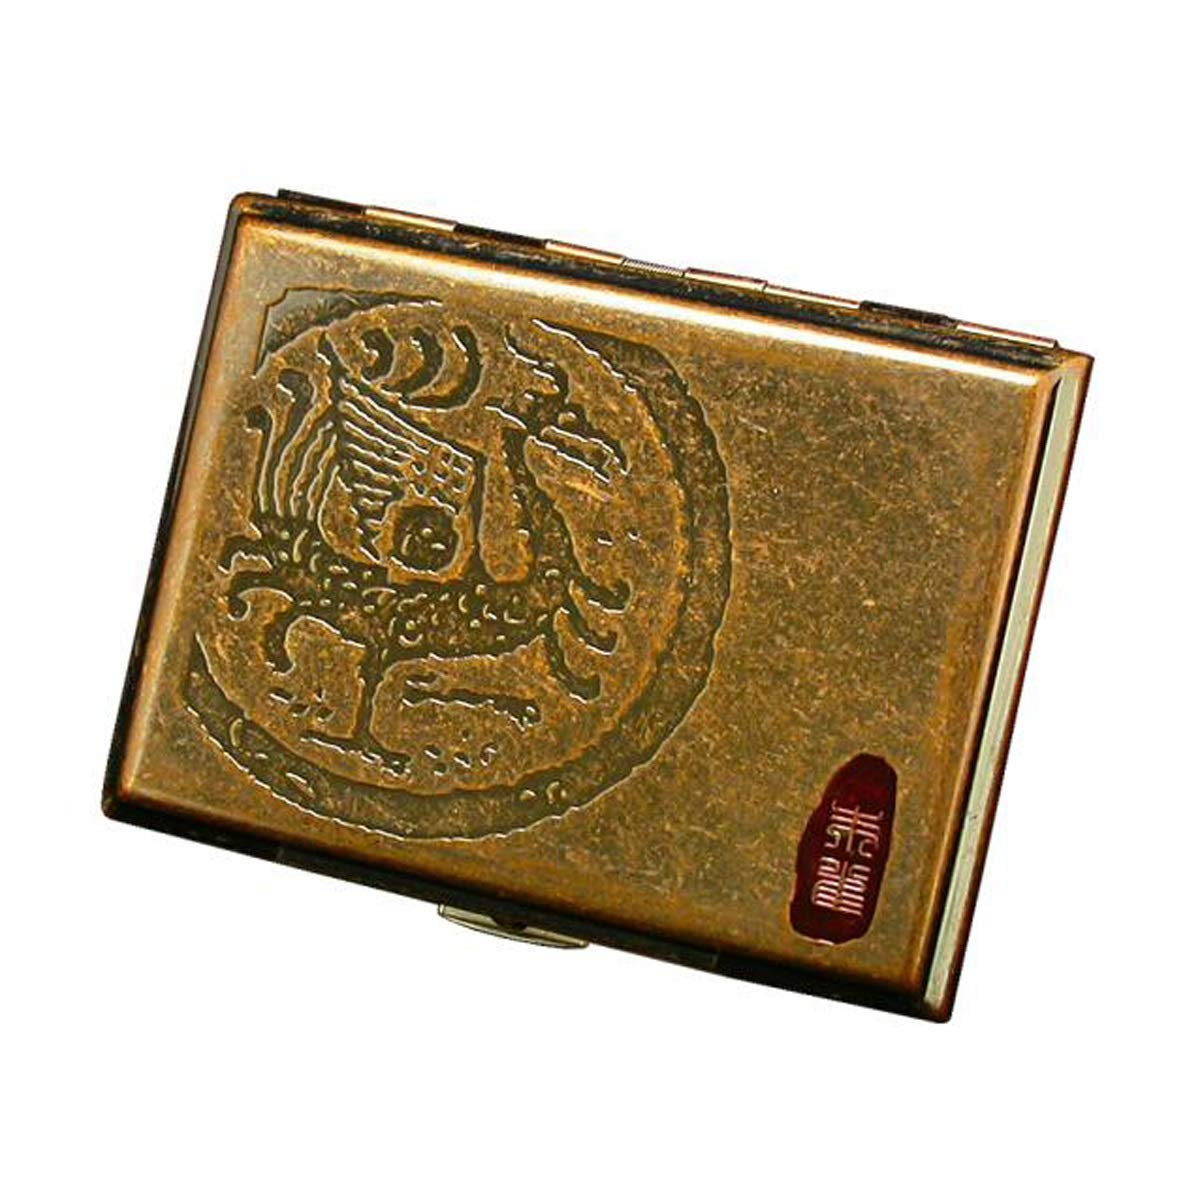 KALMAR Cigarette Holder, Cigarette Case, Copper Cigarette Case, 16 Cigarette Holders Cigarette Box Cigar Protective Cover (Style : B)